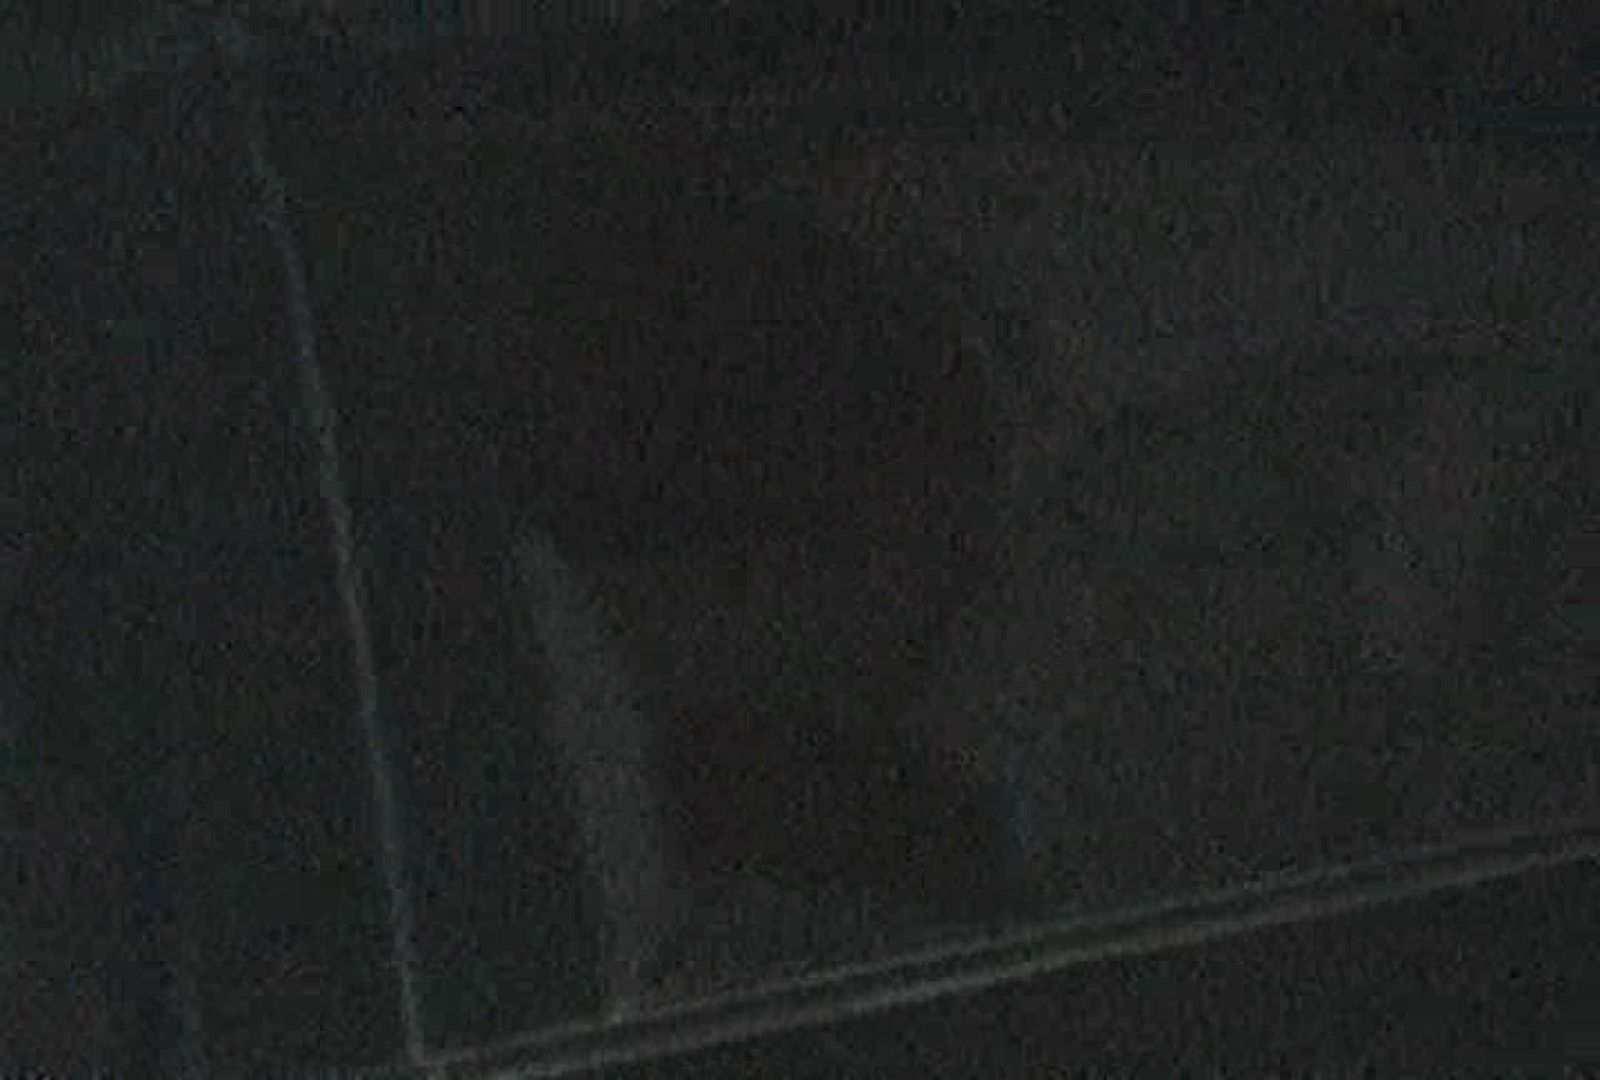 充血監督の深夜の運動会Vol.94 OLの実態  71pic 21